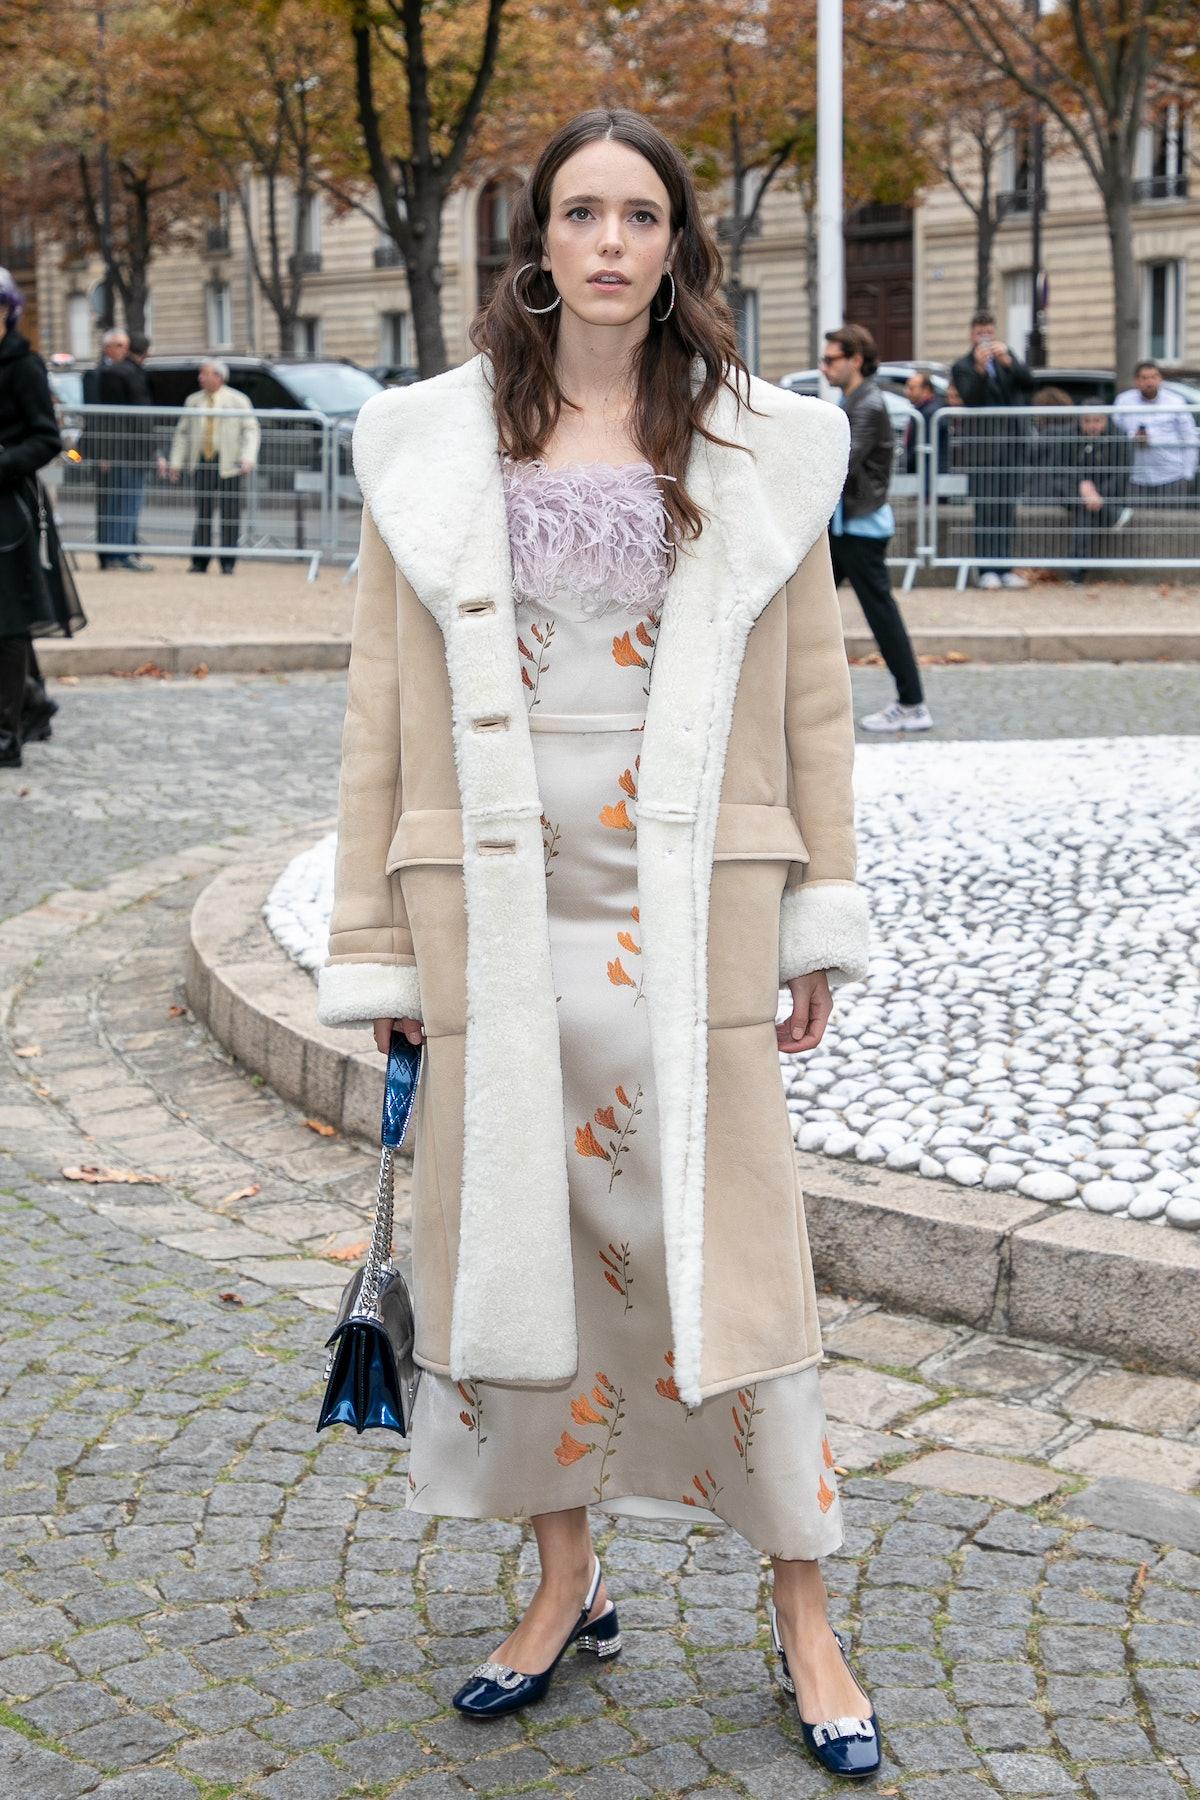 Miu Miu : Outside Arrivals - Paris Fashion Week Womenswear Spring/Summer 2019